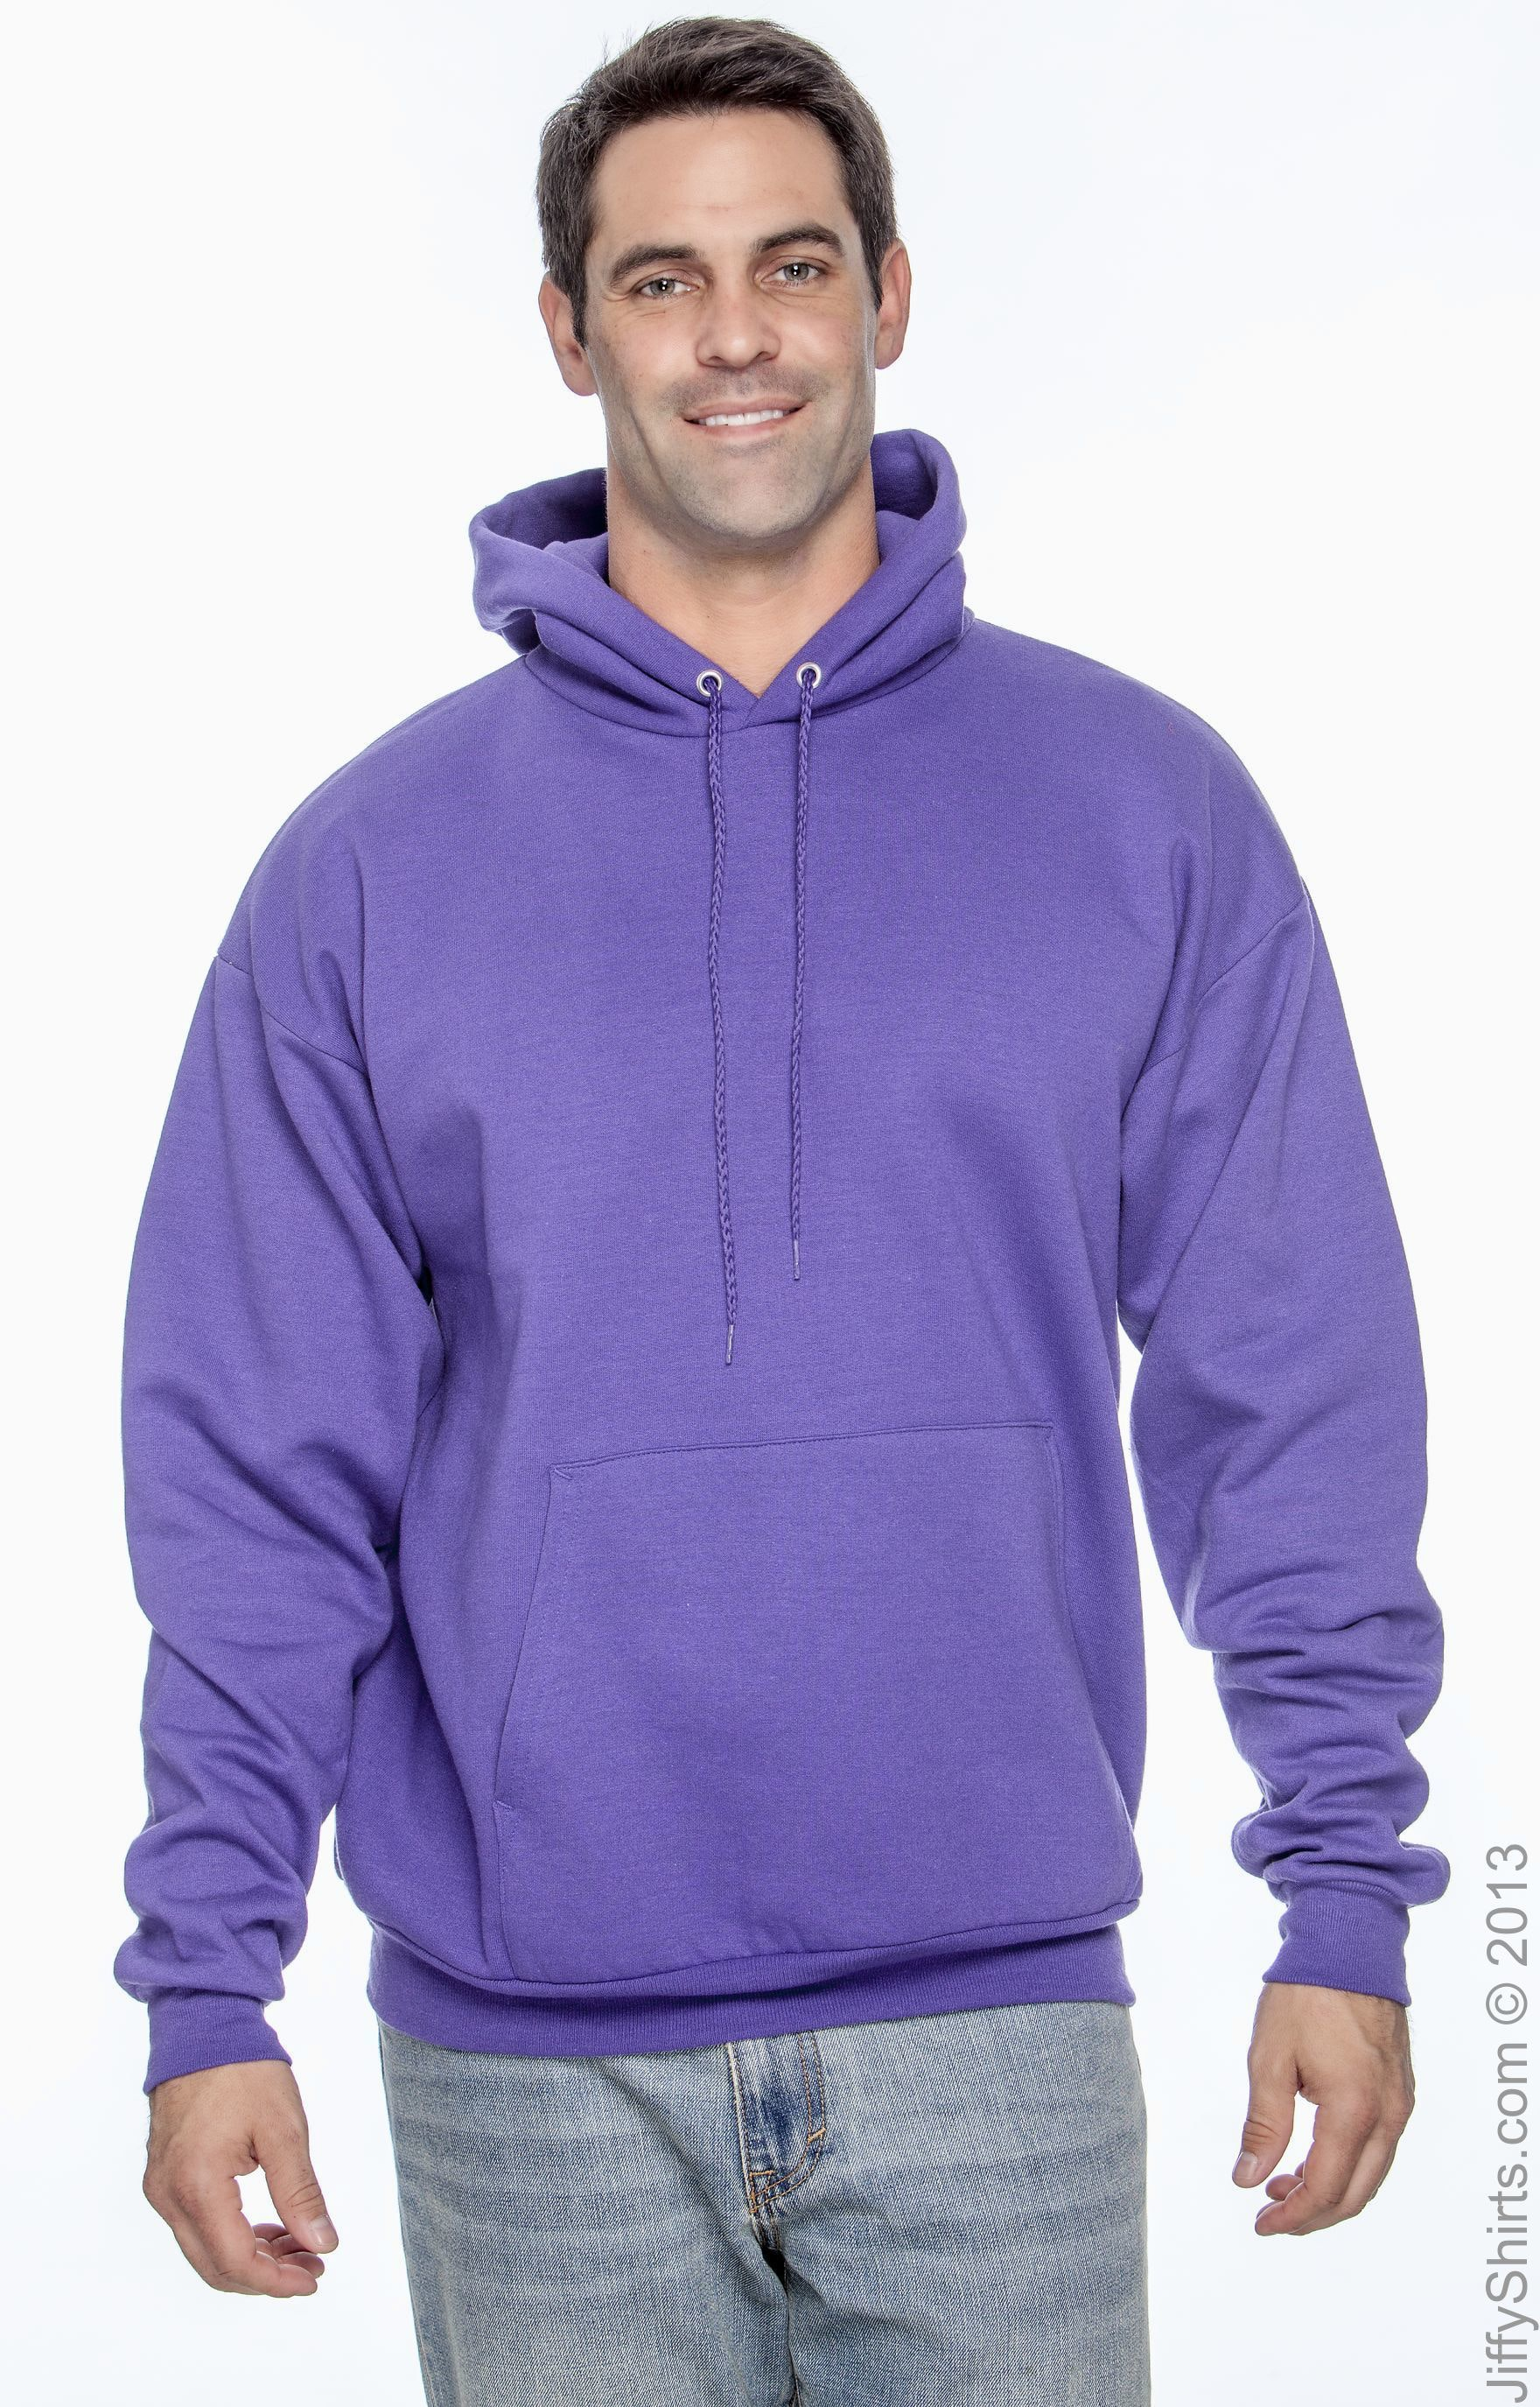 Hanes P170 Purple